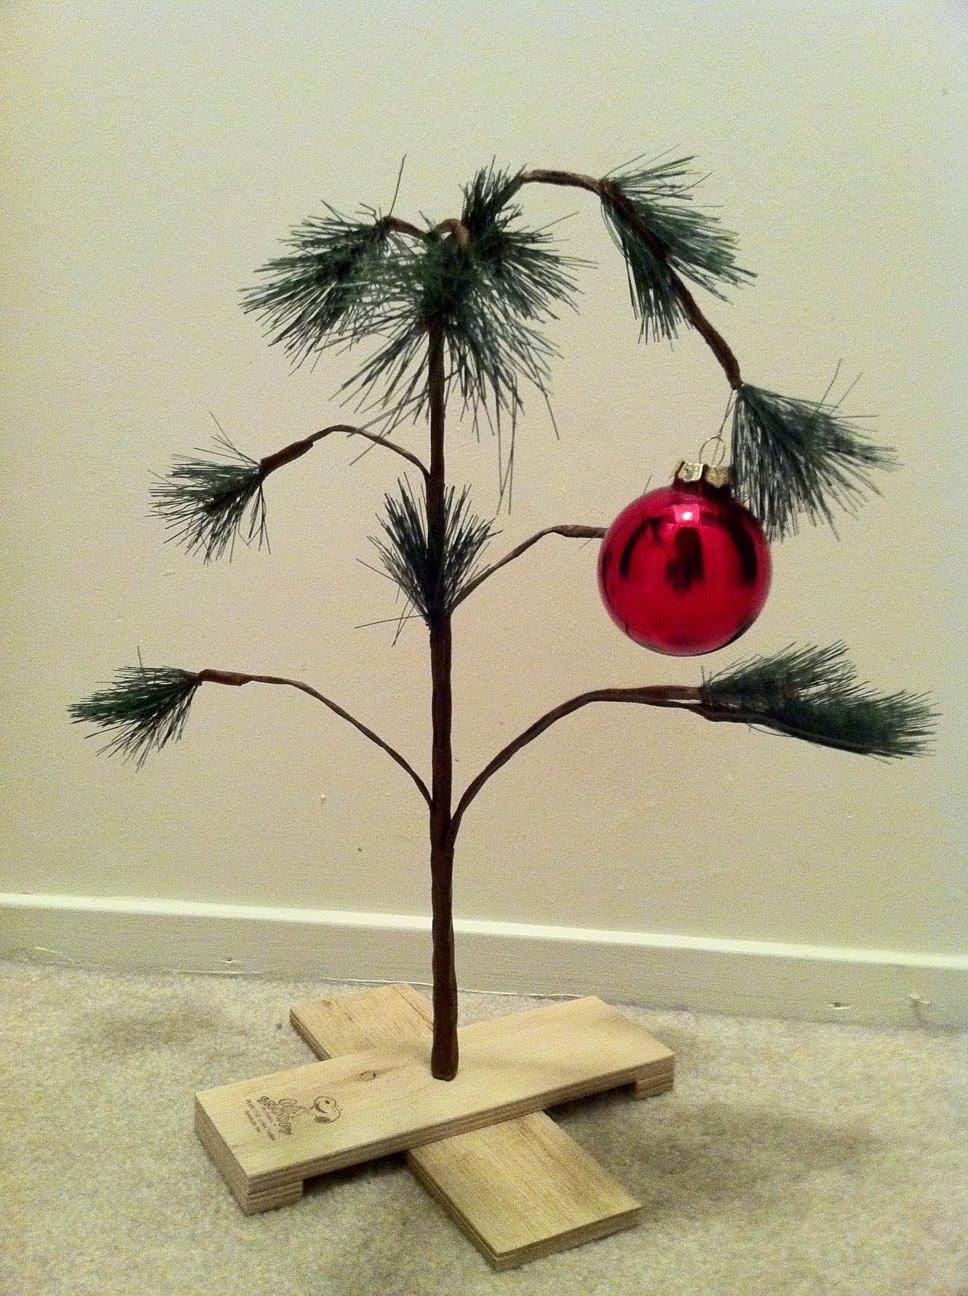 Charlie Brown Christmas Tree Walgreens